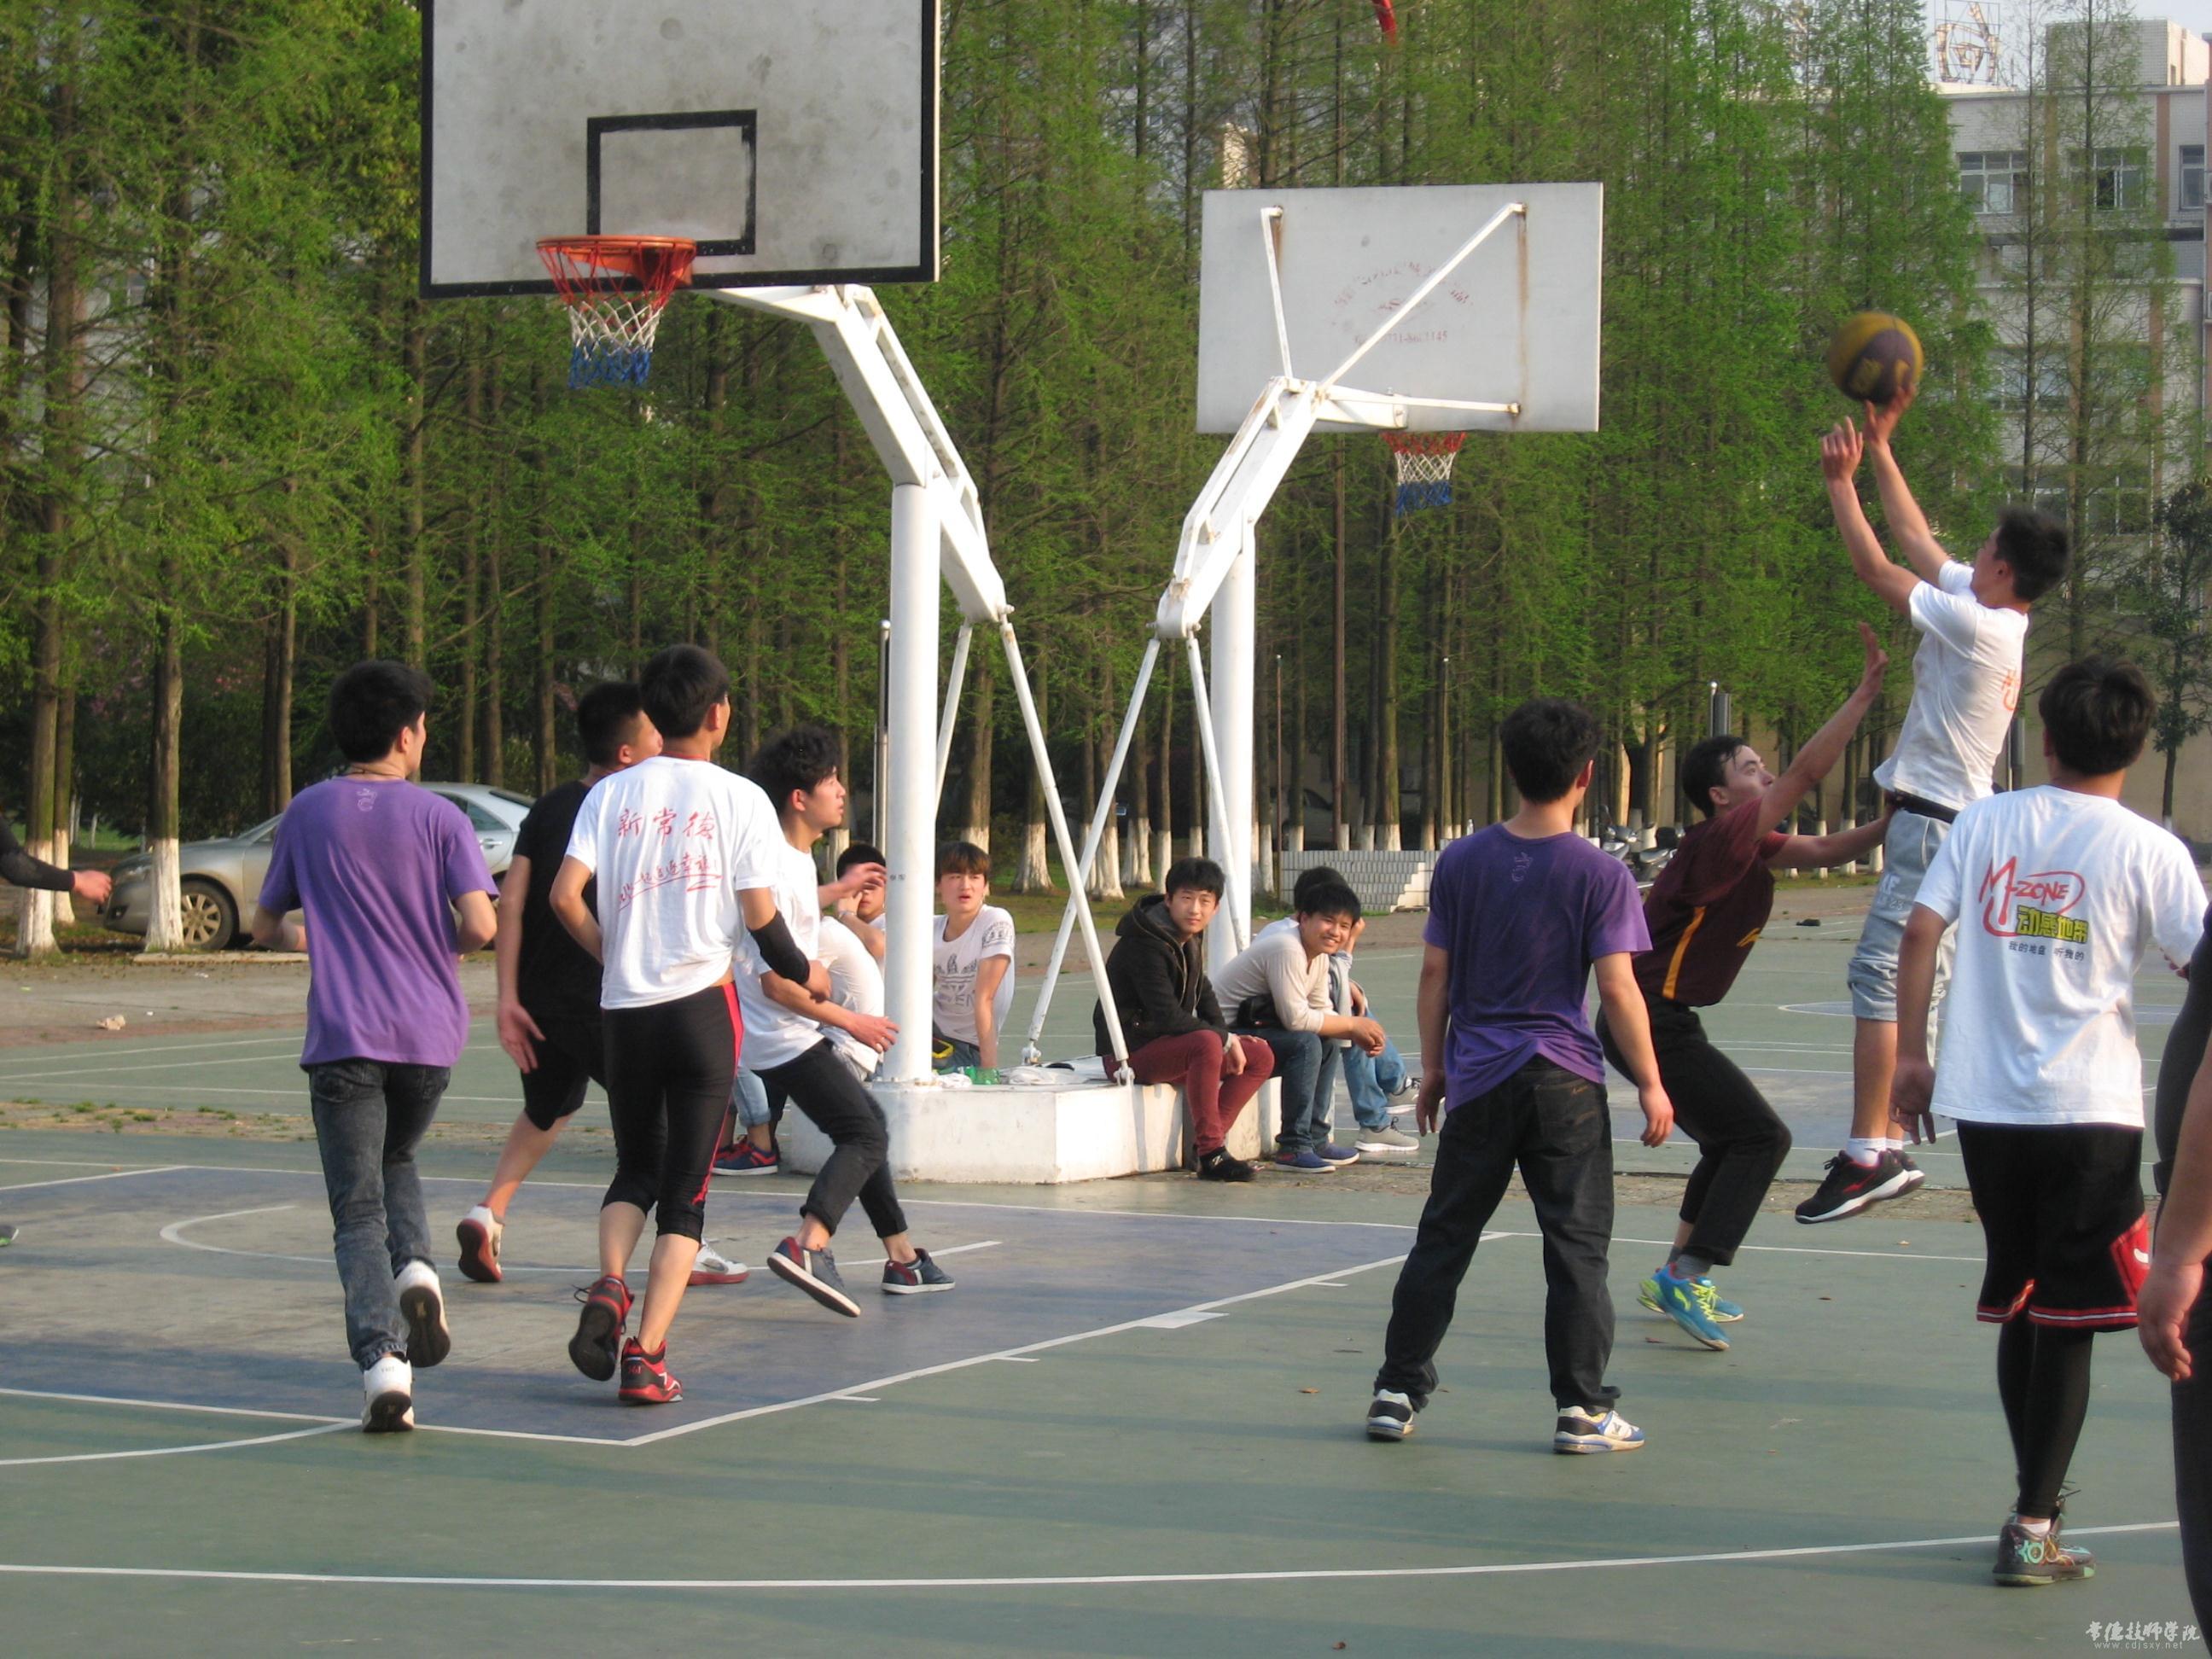 NBA:林书豪28 8尼克斯克爵士_视频在线观看 - 56.com皇冠篮球比分网-皇冠篮球比分网官网